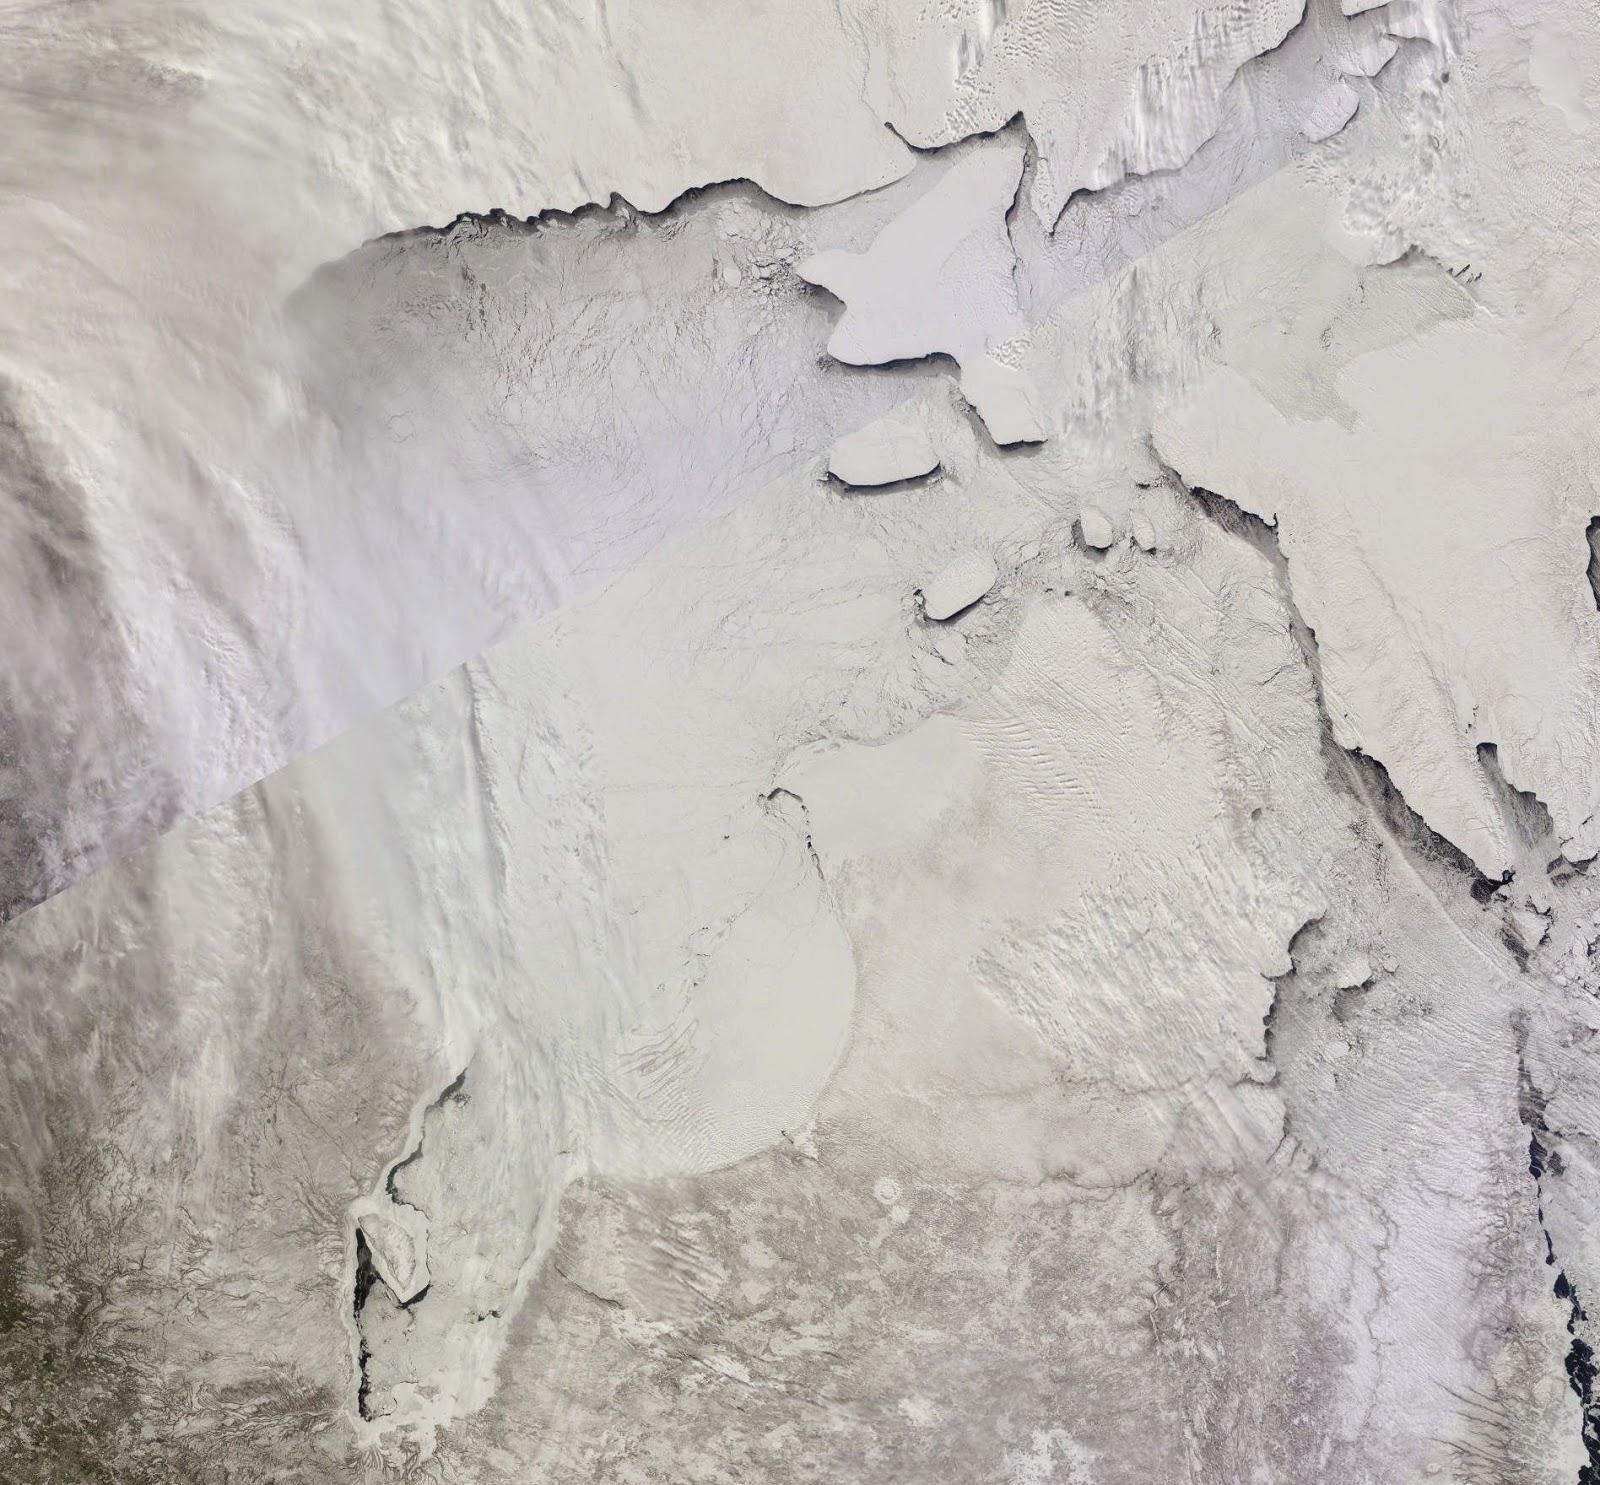 Zatoka Hudsona 20150415